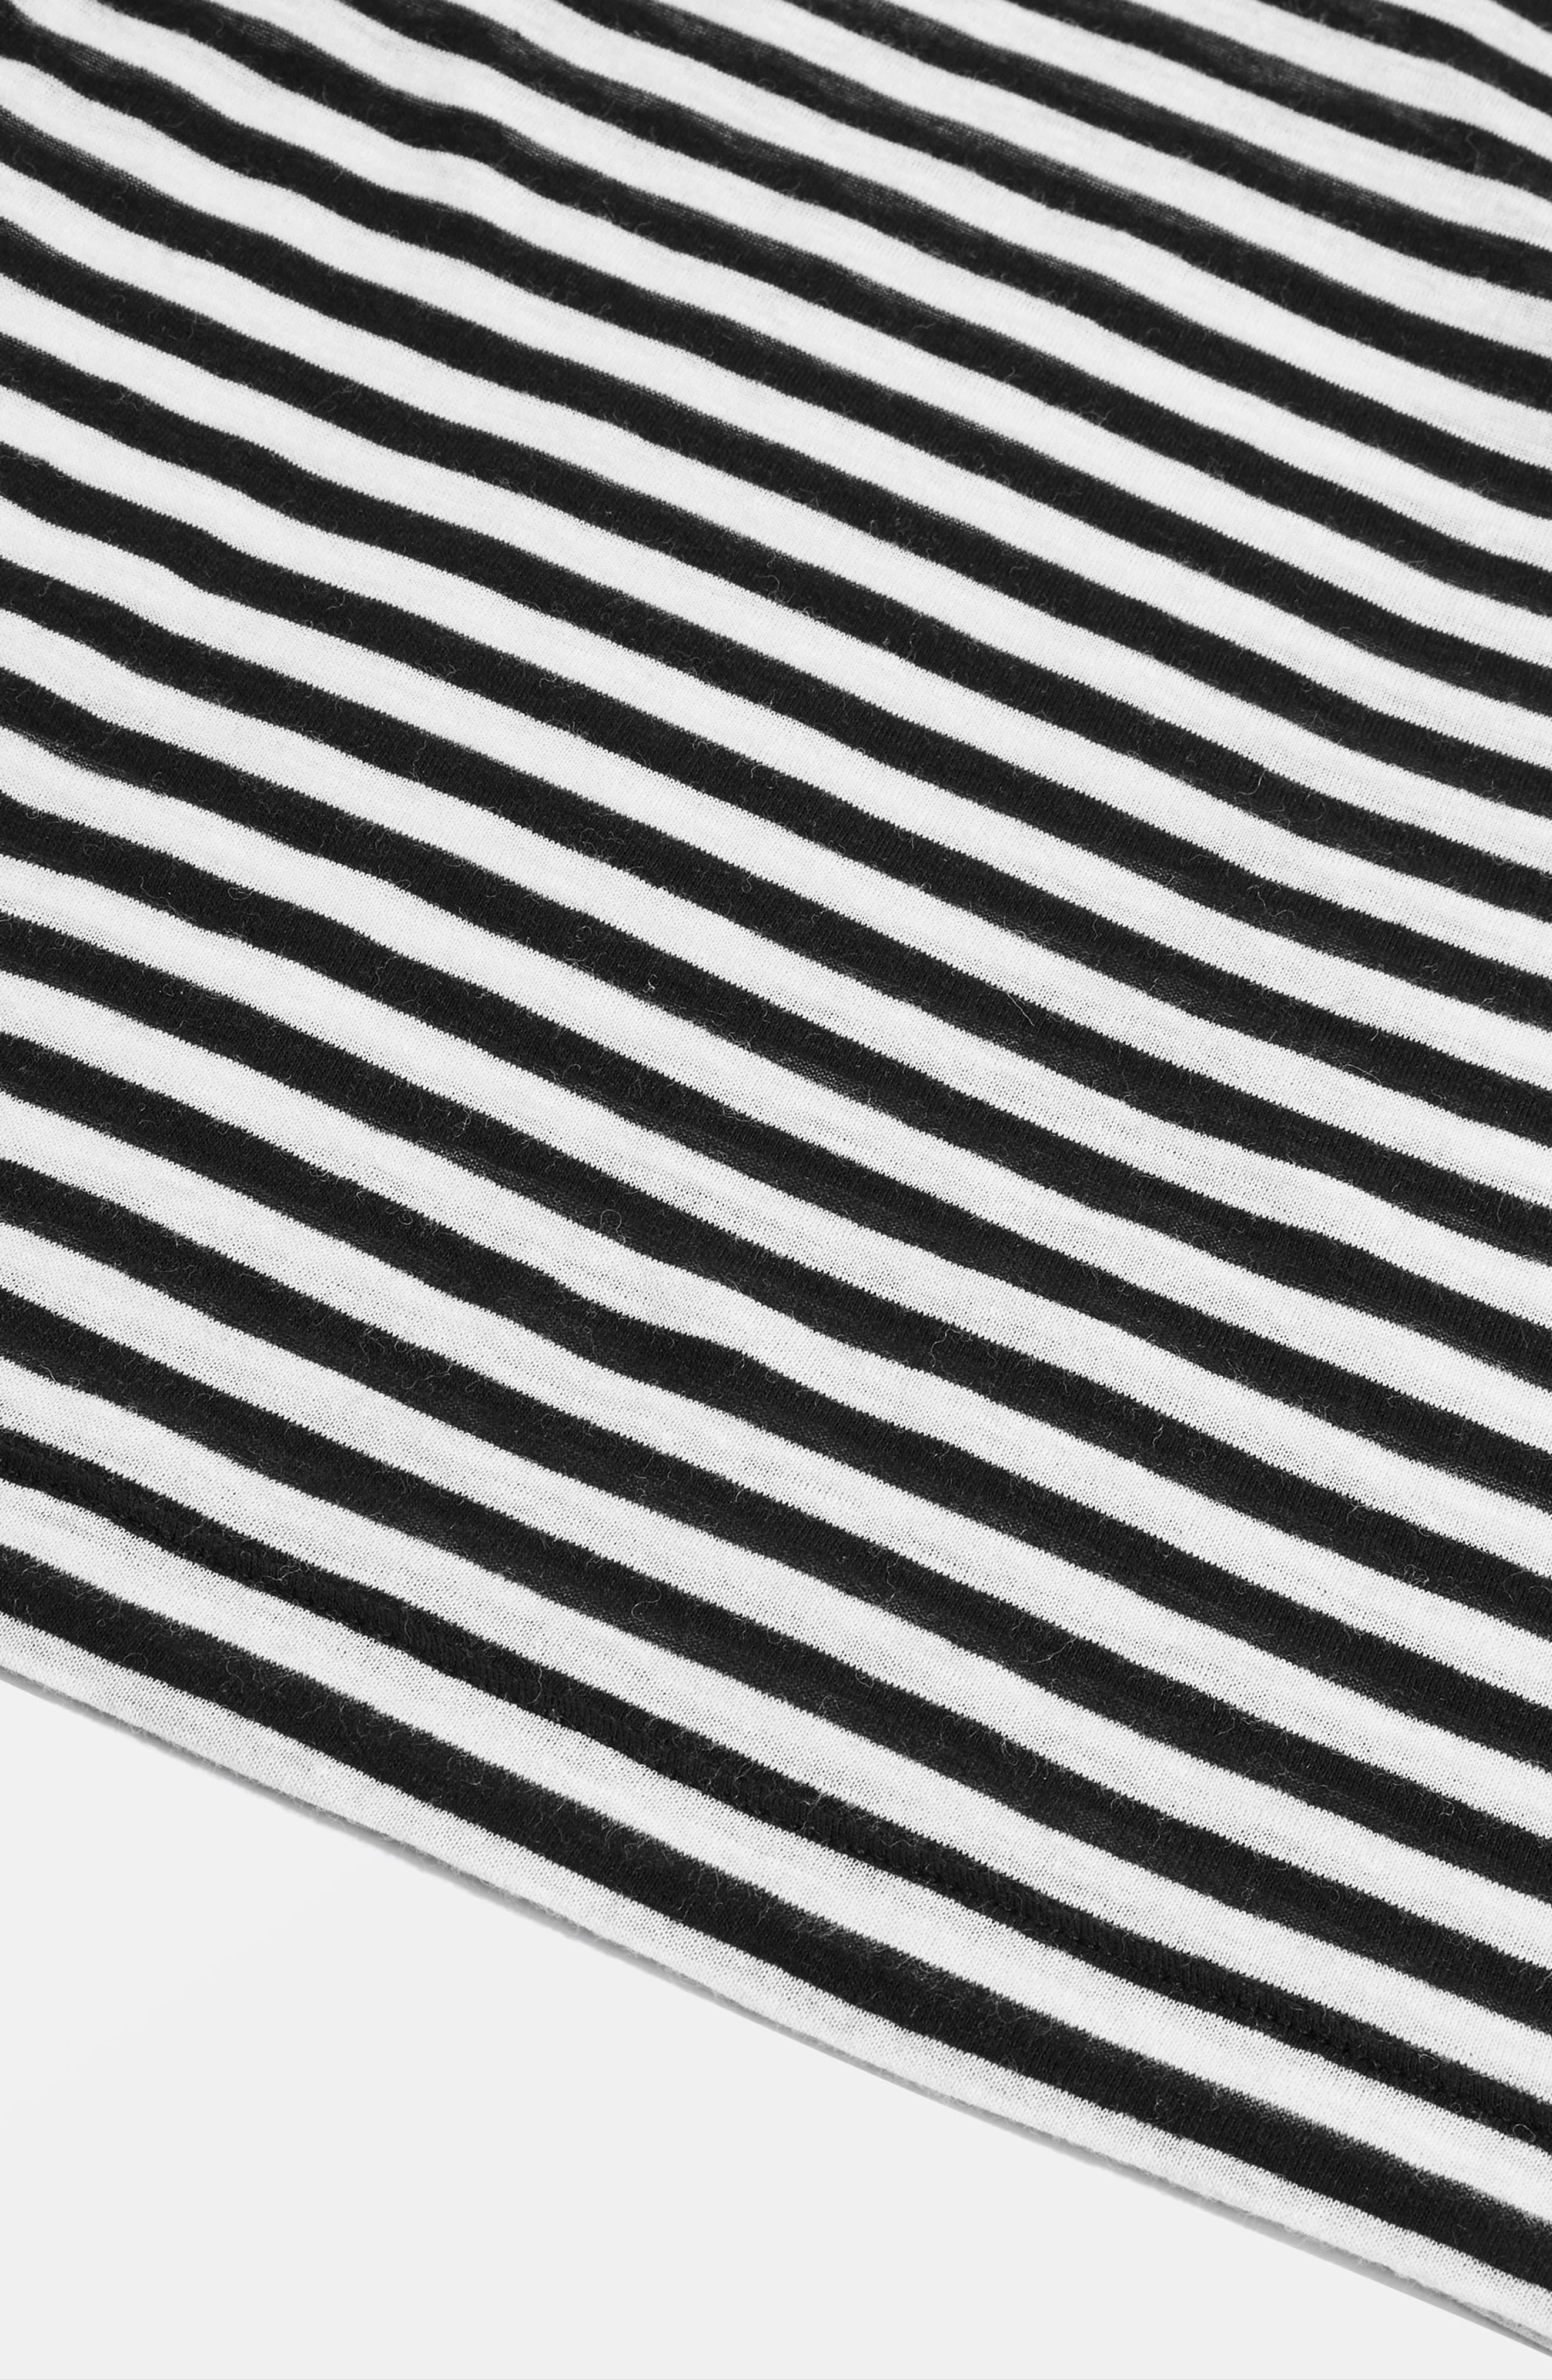 Topshop Stripe Slub Shirt,                             Alternate thumbnail 4, color,                             Black Multi